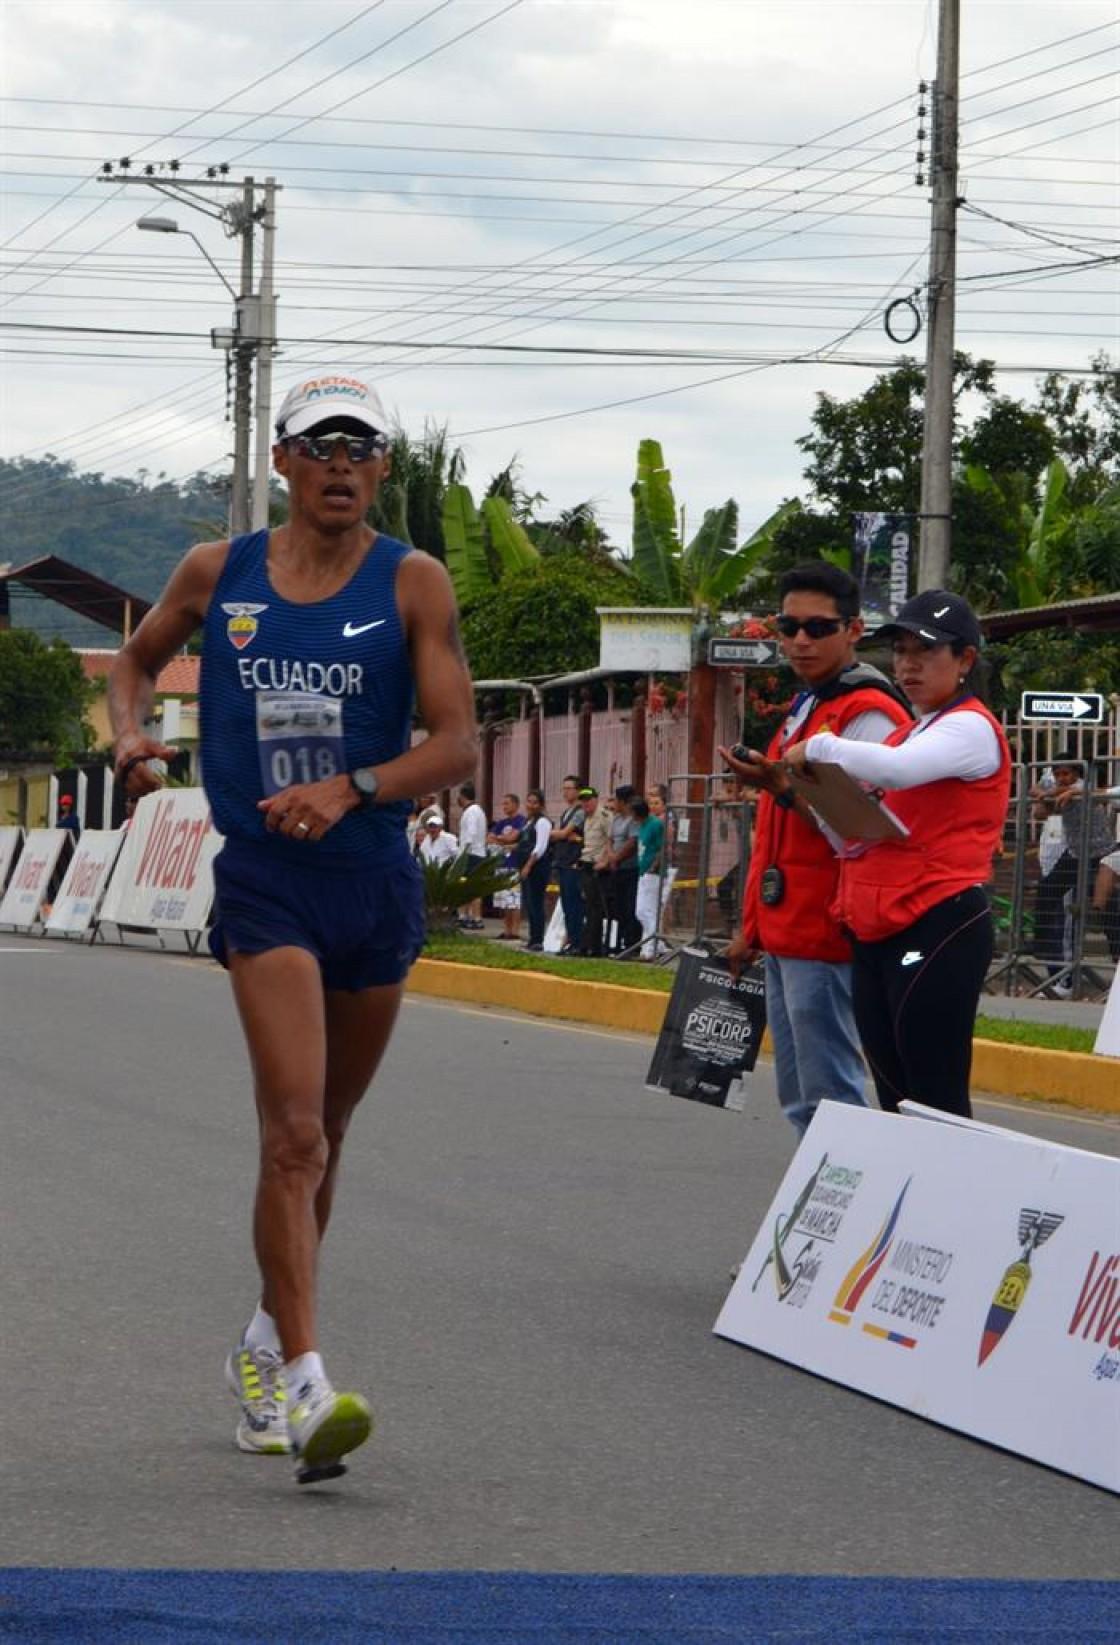 El Campeonato Sudamericano de Marcha se disputa en la ciudad amazónica de Sucúa